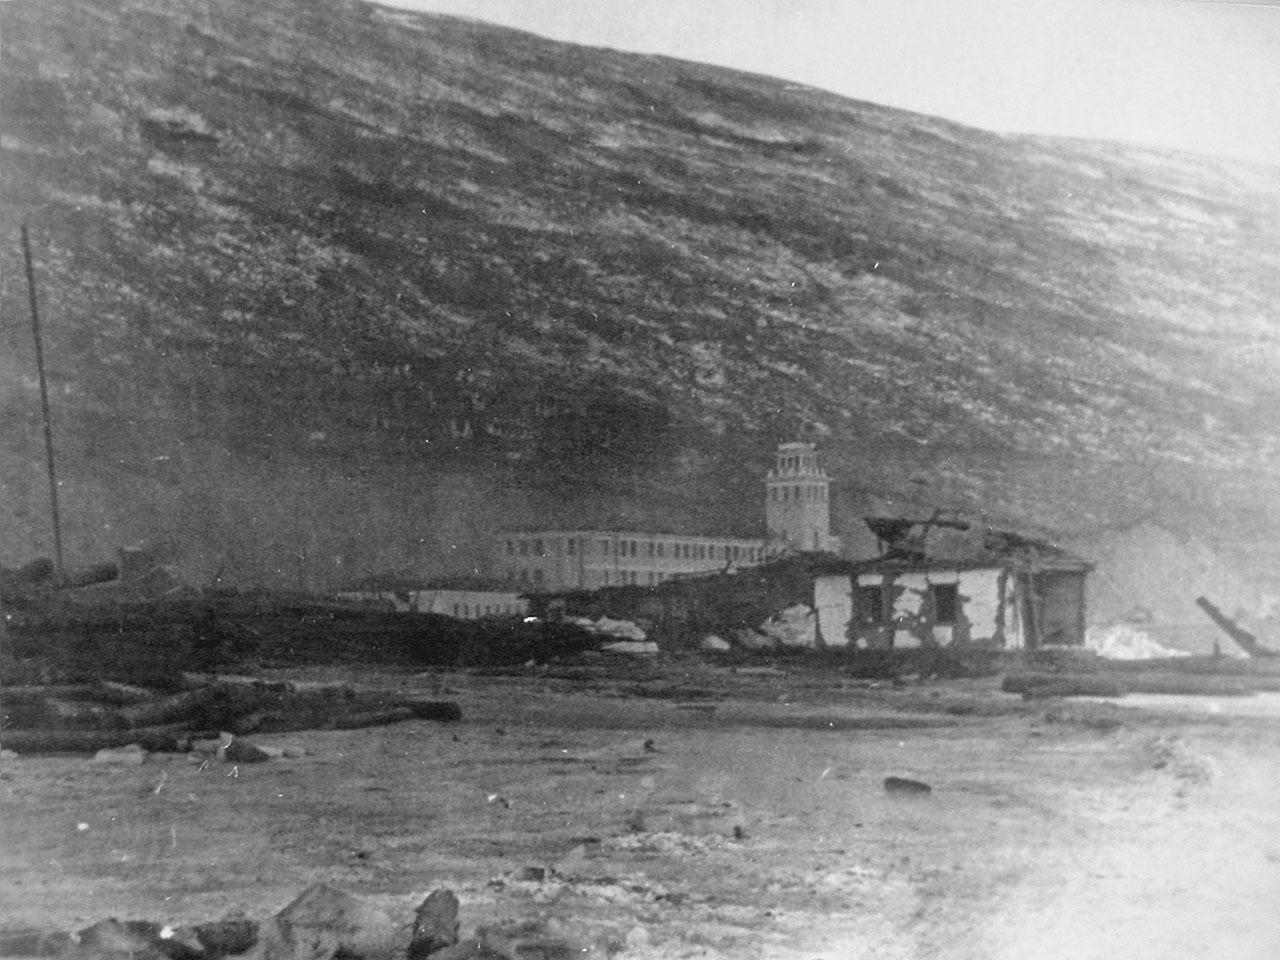 Магаданский торговый порт. Последствия взрывов пароходов 19 декабря 1947 года.